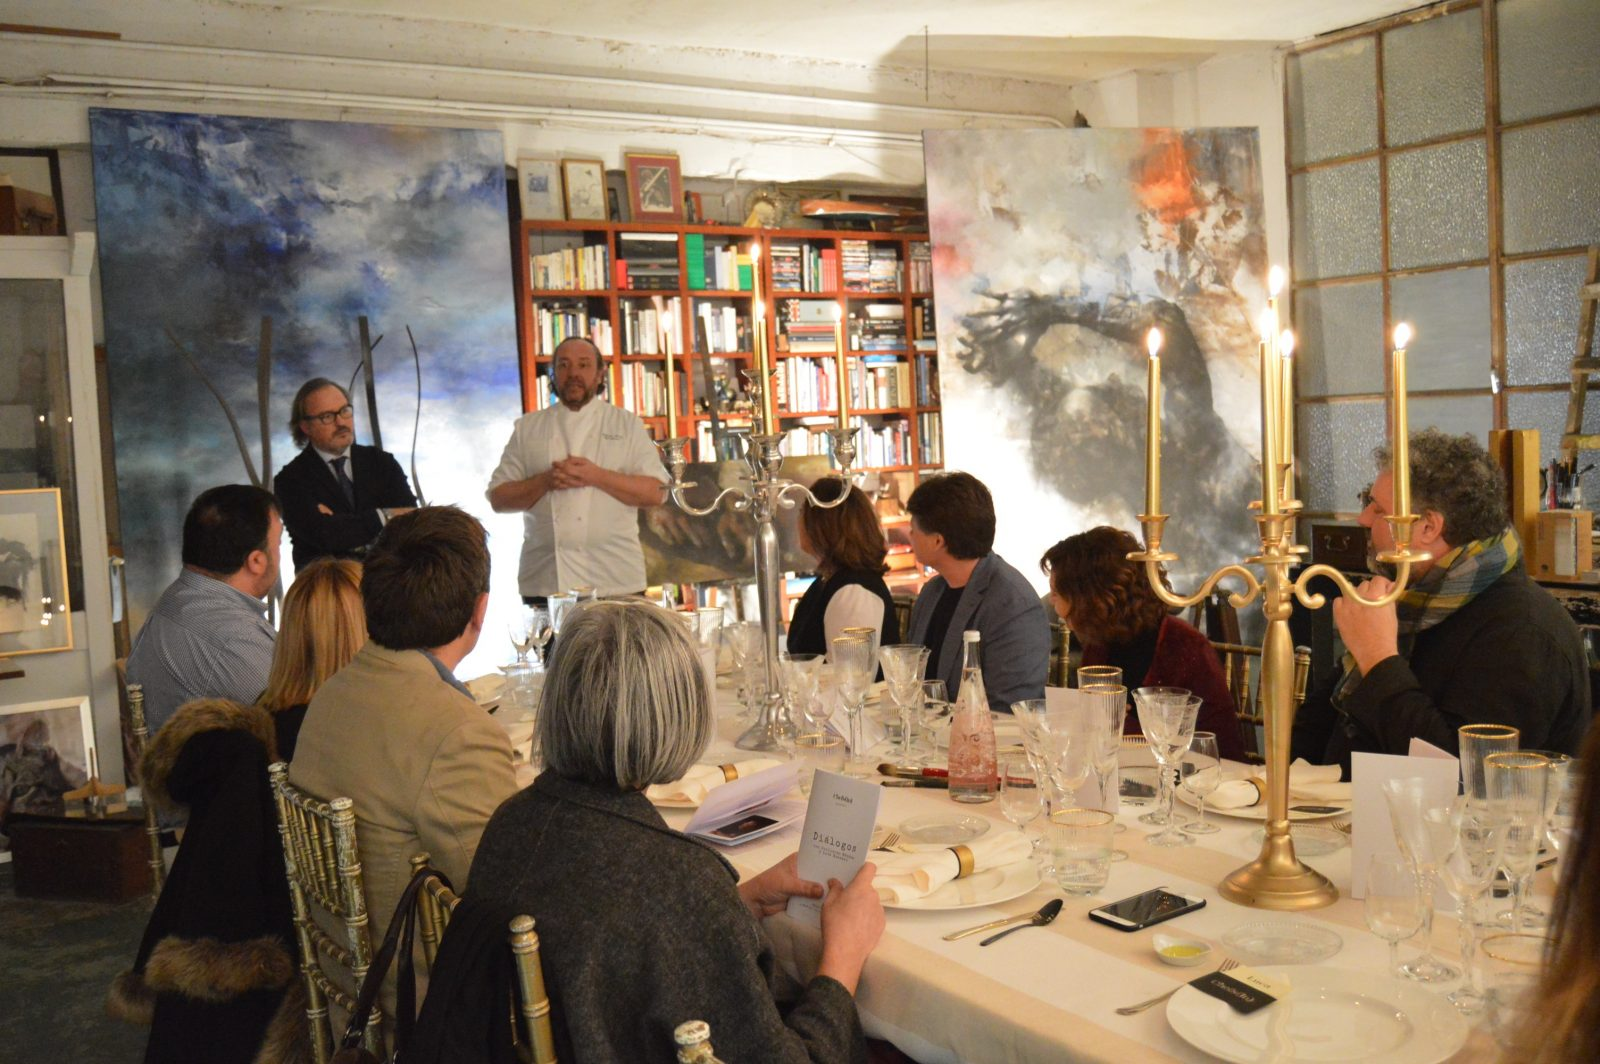 Hidden Kitchen by Chefsin con Guillermo Méndez en el estudio de Luca Monzani - Marzo 2018